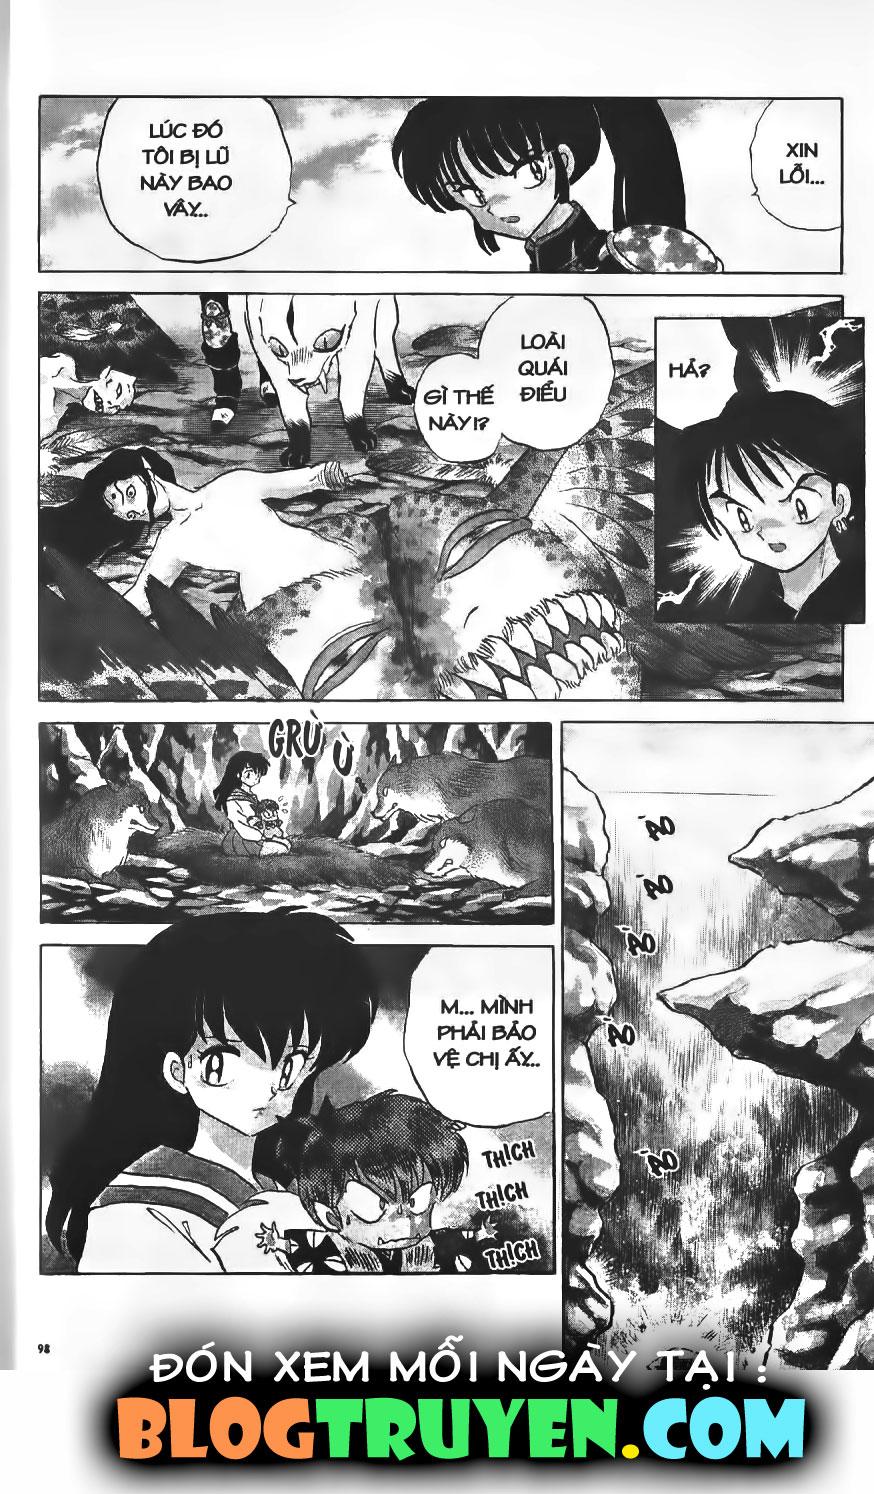 Inuyasha vol 14.6 trang 5